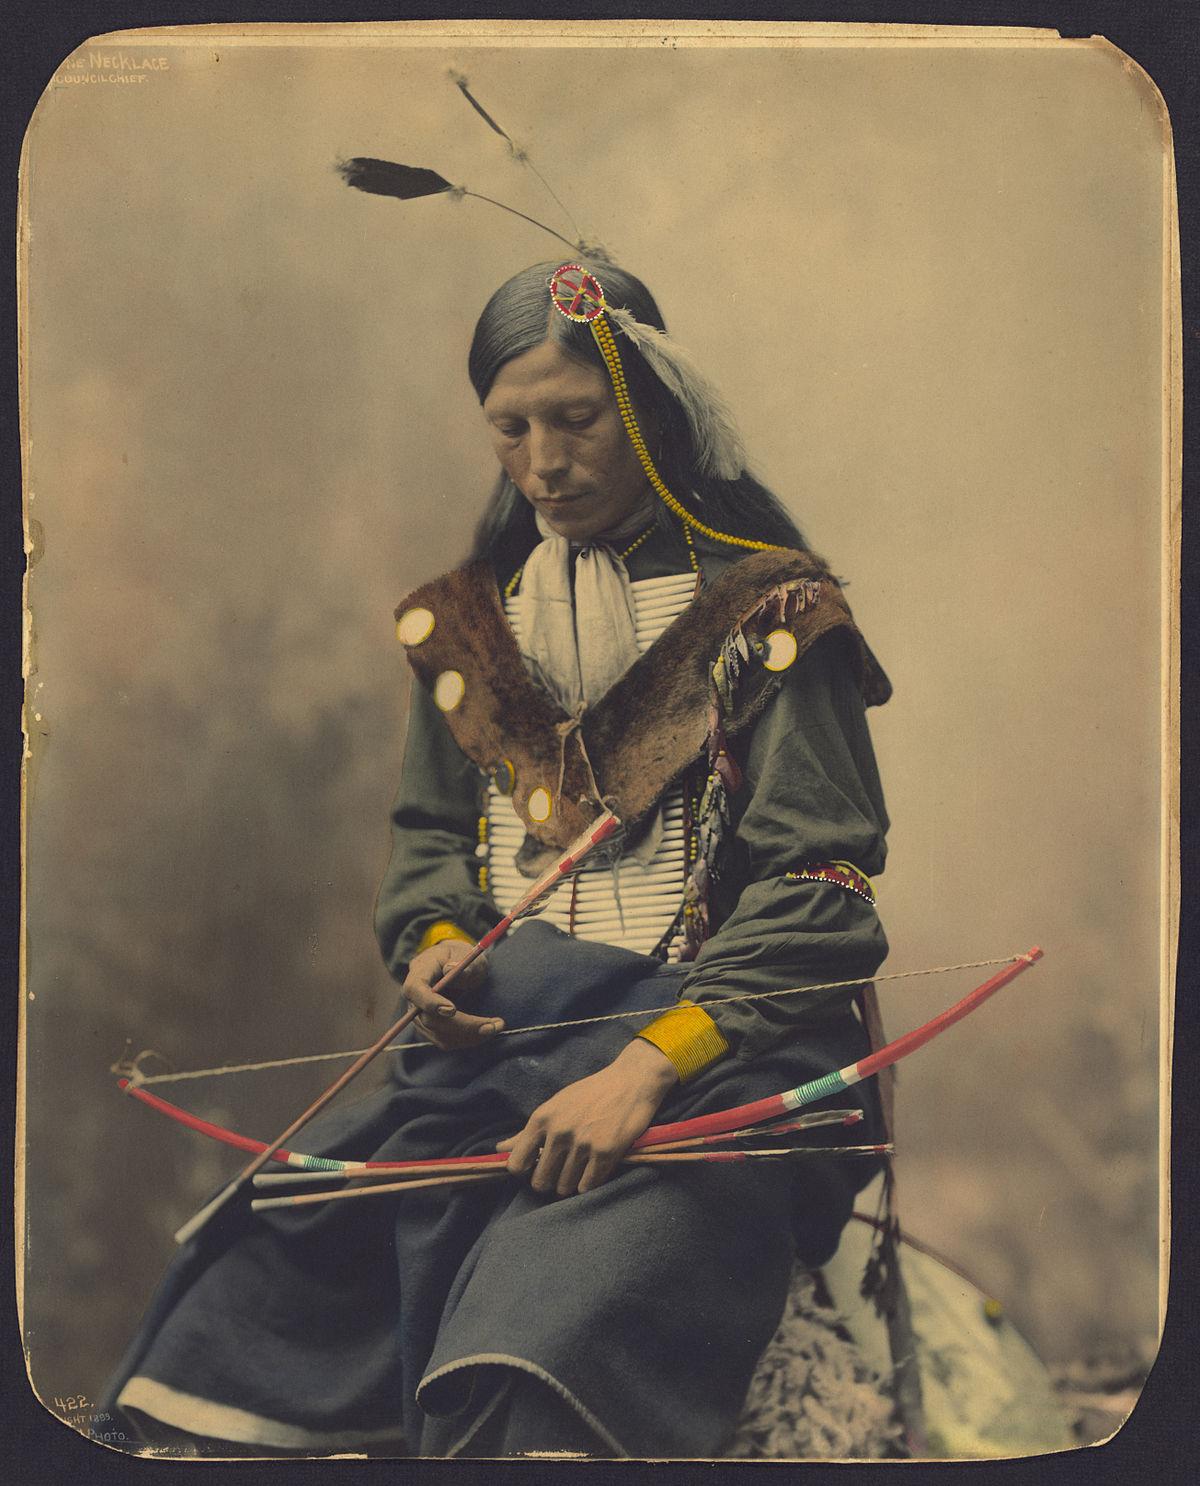 Chief Bone Necklace Oglala Lakota, 1899